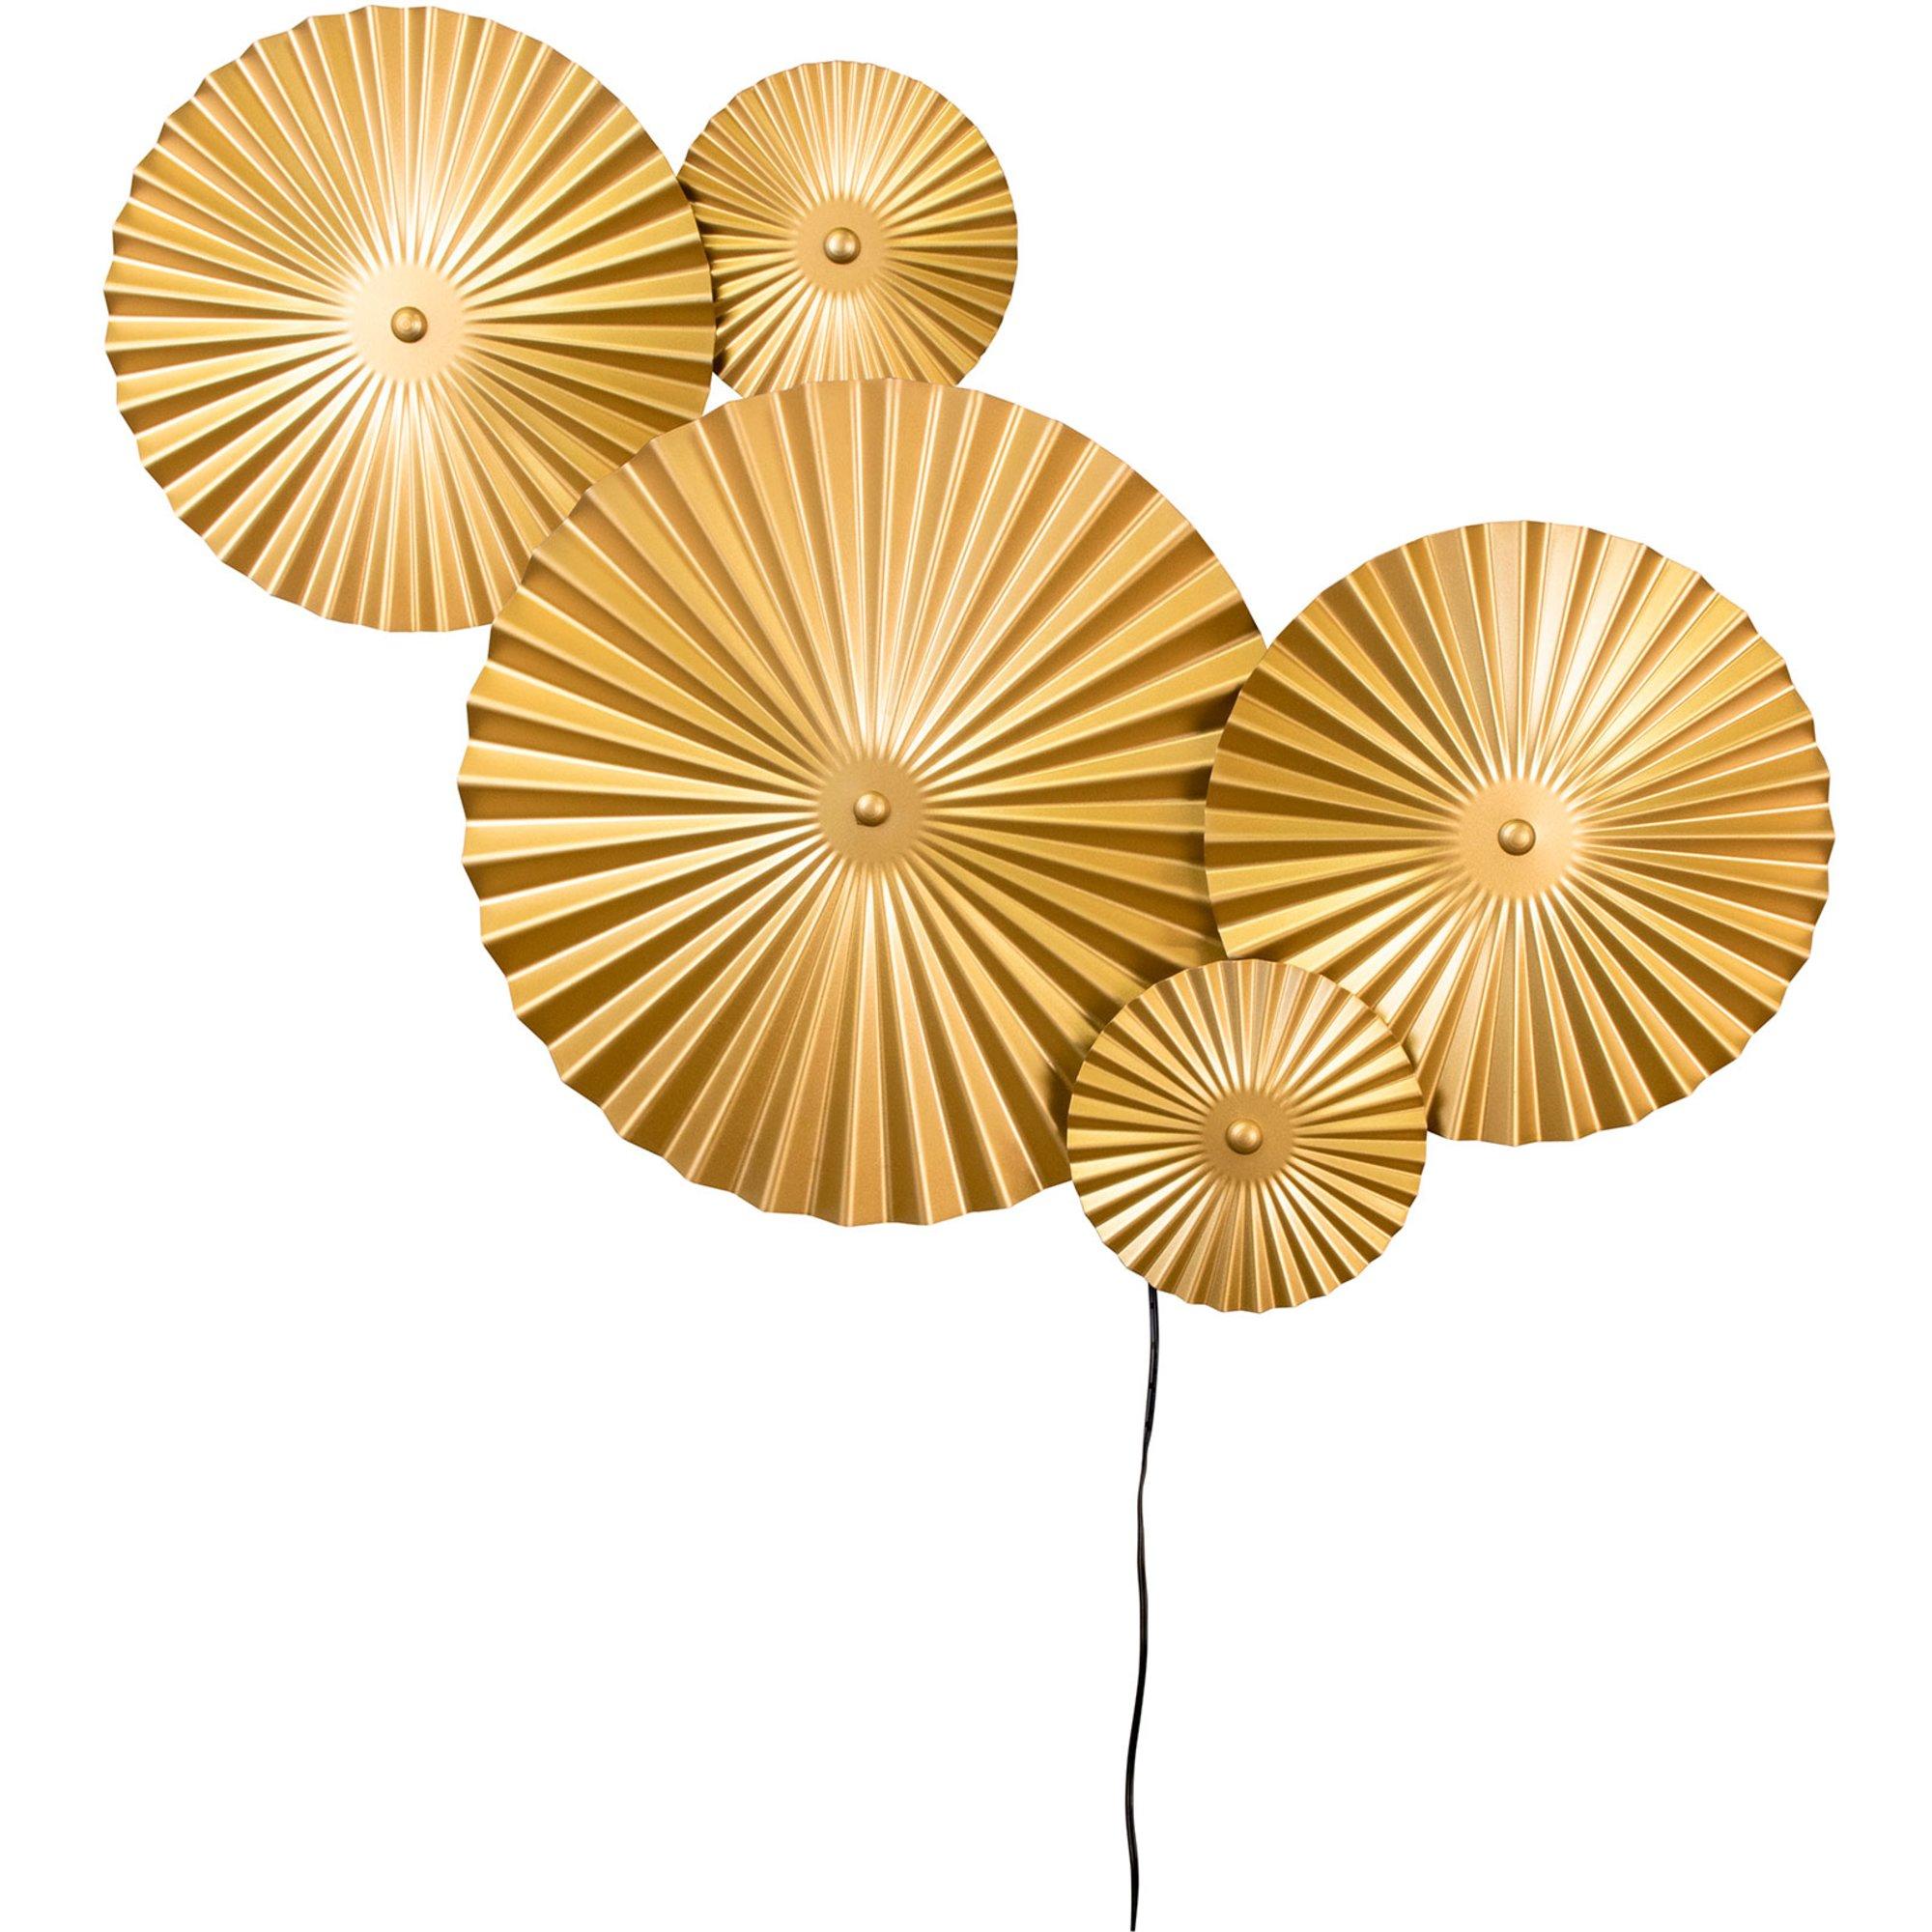 Globen Lighting Omega Vägglampa borstad mässing